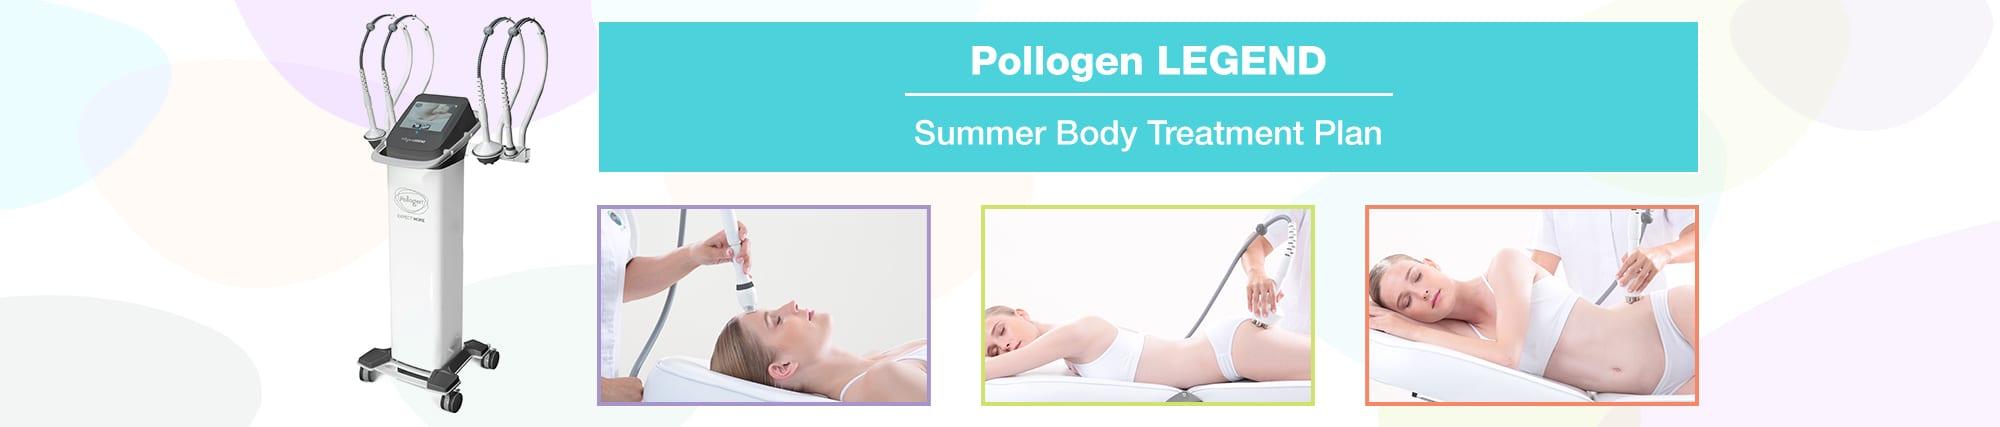 Pollogen Legend Summer Body Treatment Plan The Global